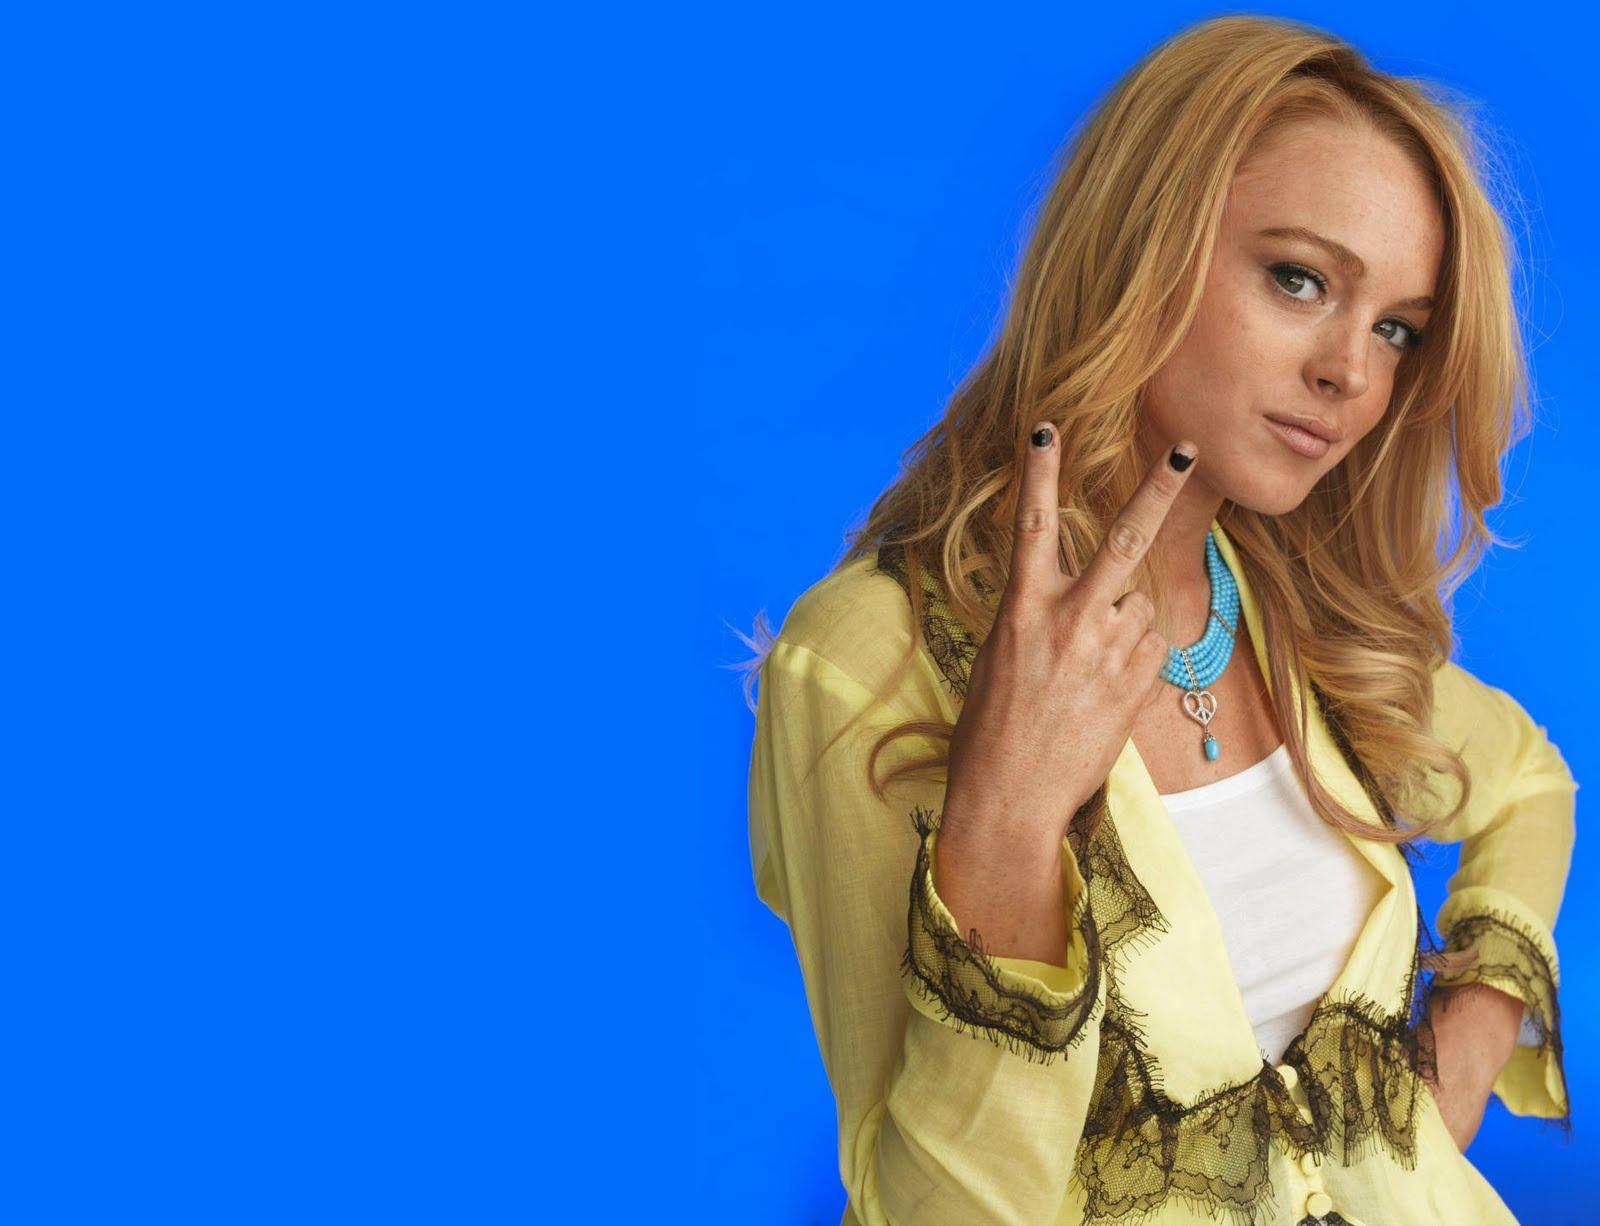 http://4.bp.blogspot.com/_6QURoNy4-5k/TOrNYyoUY_I/AAAAAAAAIko/GEPRYWliEKo/s1600/Lindsay-Lohan.jpg